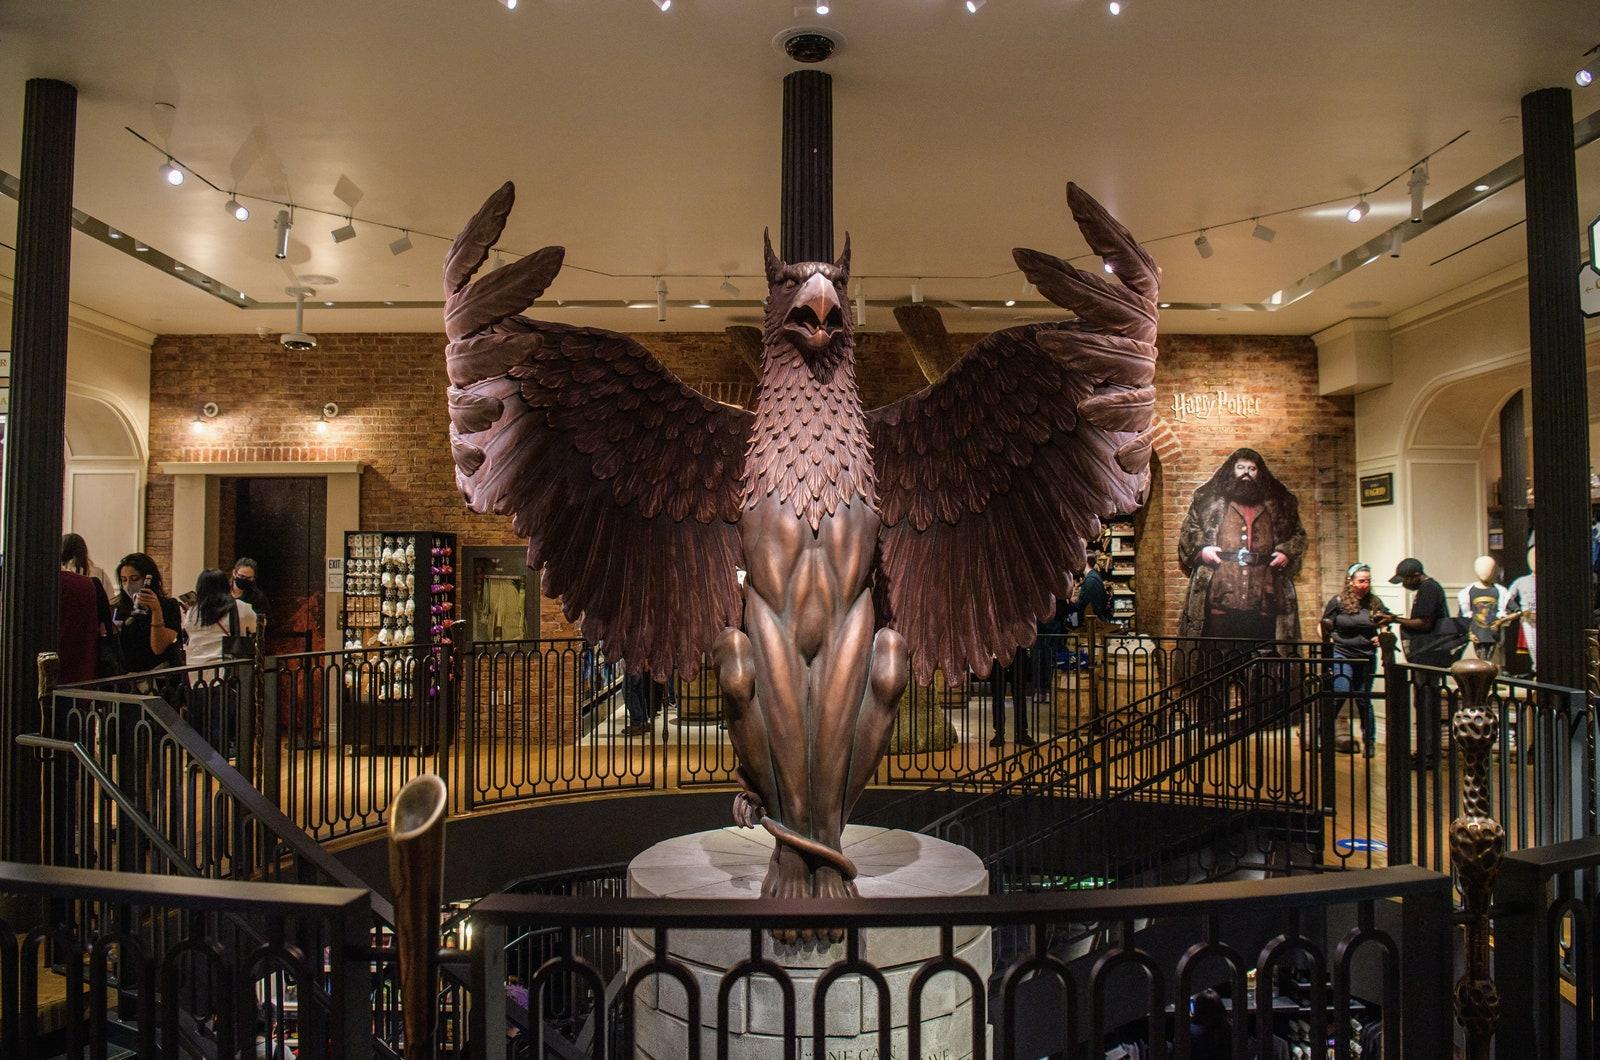 أكبر متجر هاري بوتر